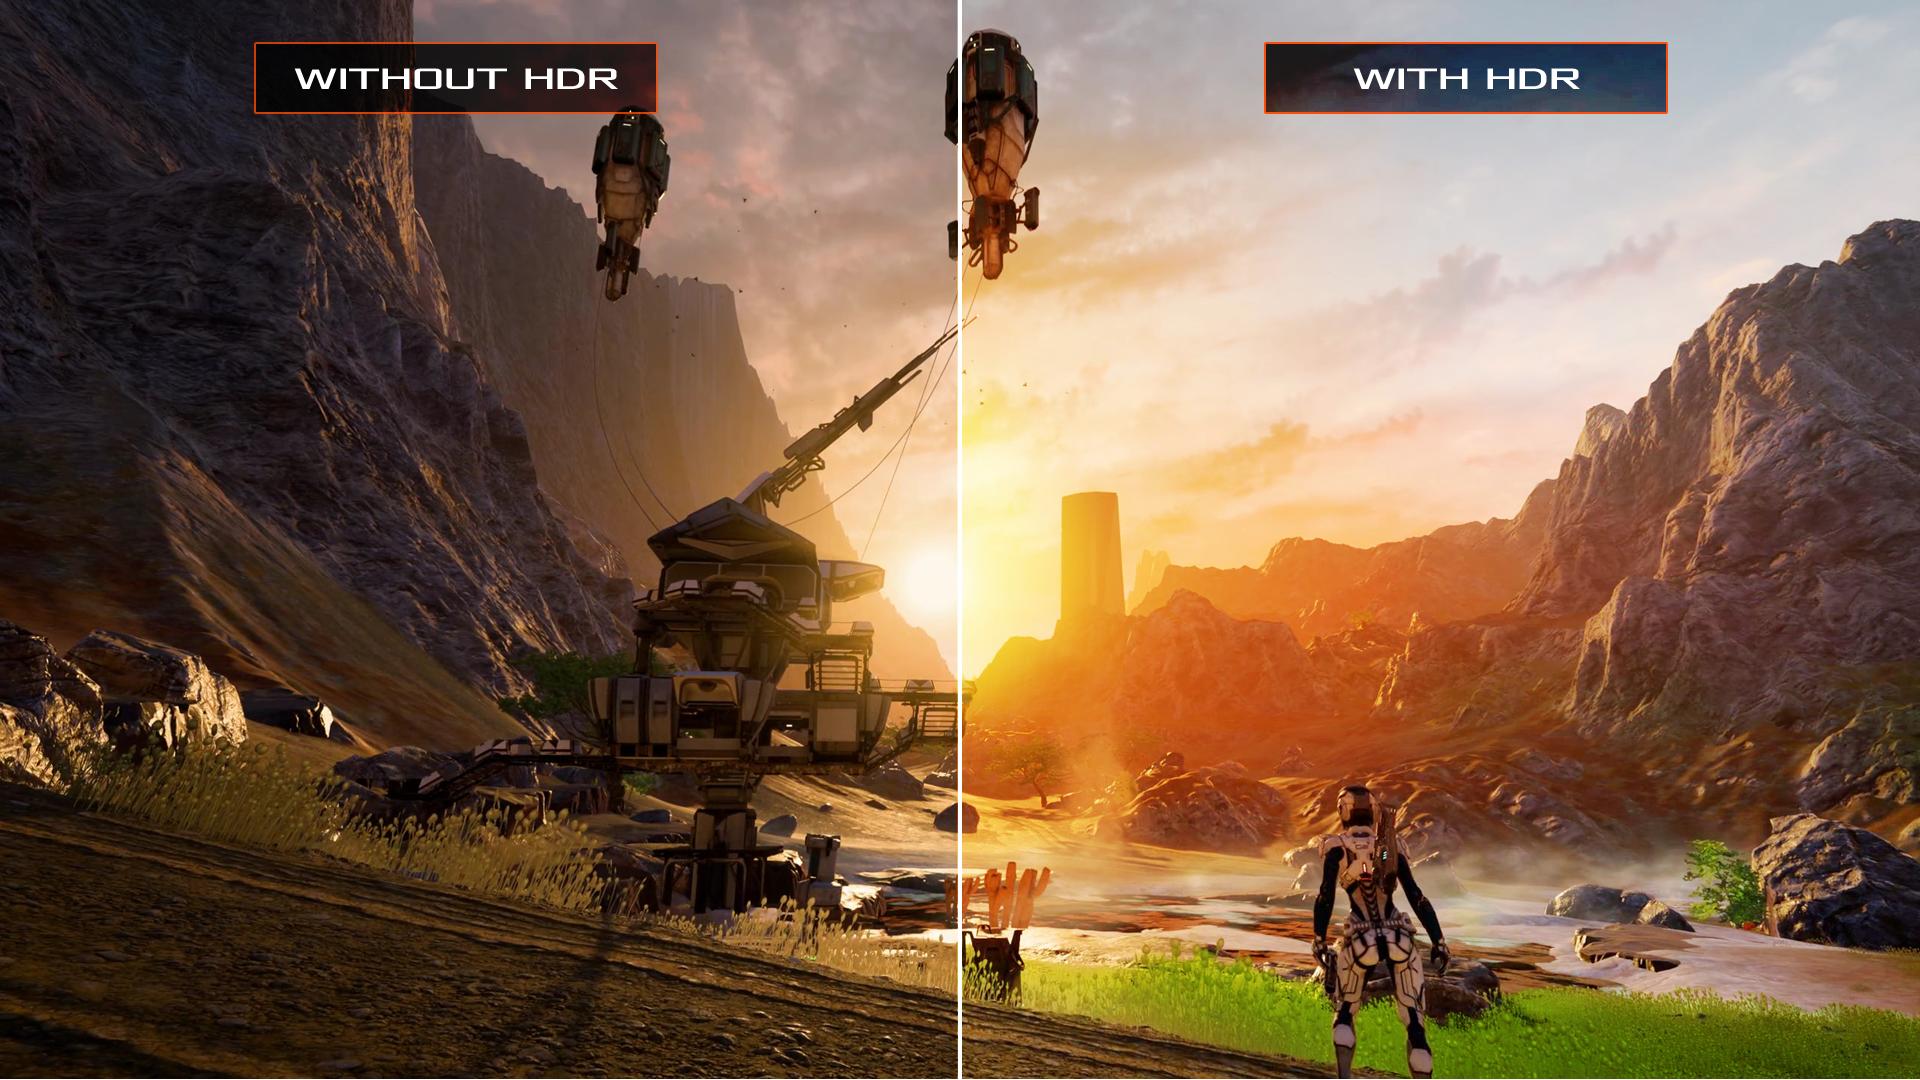 Una alianza de empresas de videojuegos y televisores quiere unificar el estándar HDR